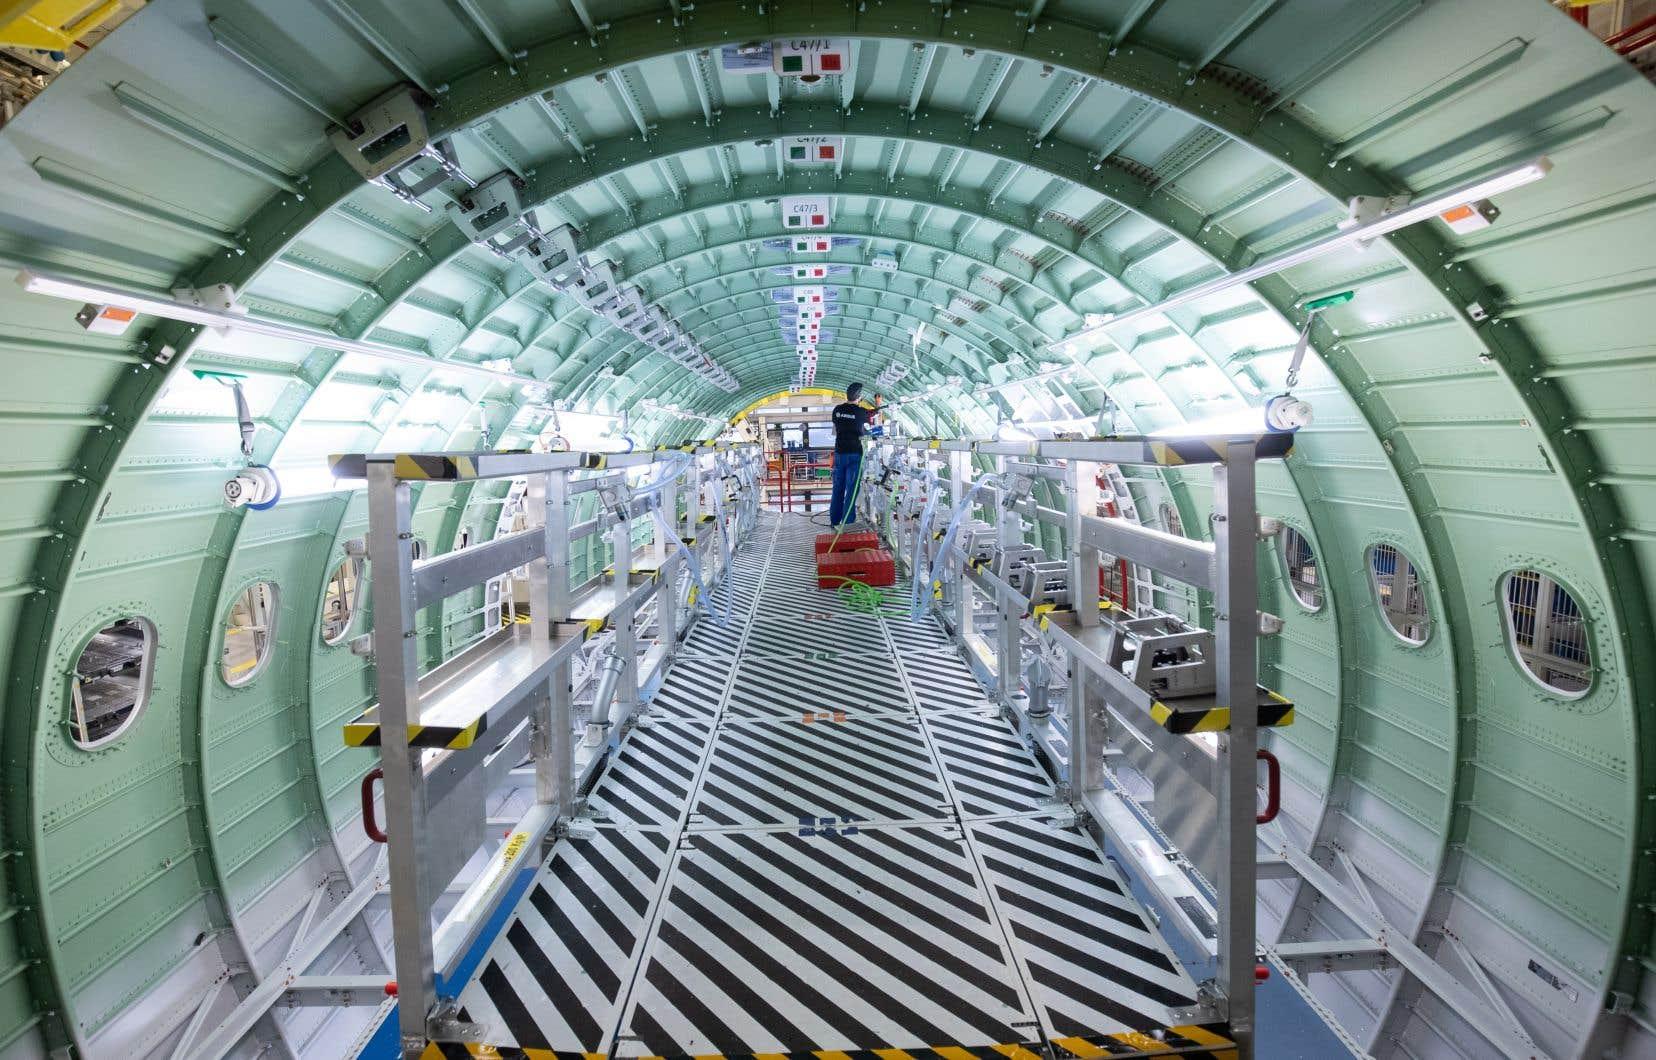 Le conflit Airbus-Boeing est l'un des nombreux problèmes alimentant les tensions transatlantiques.